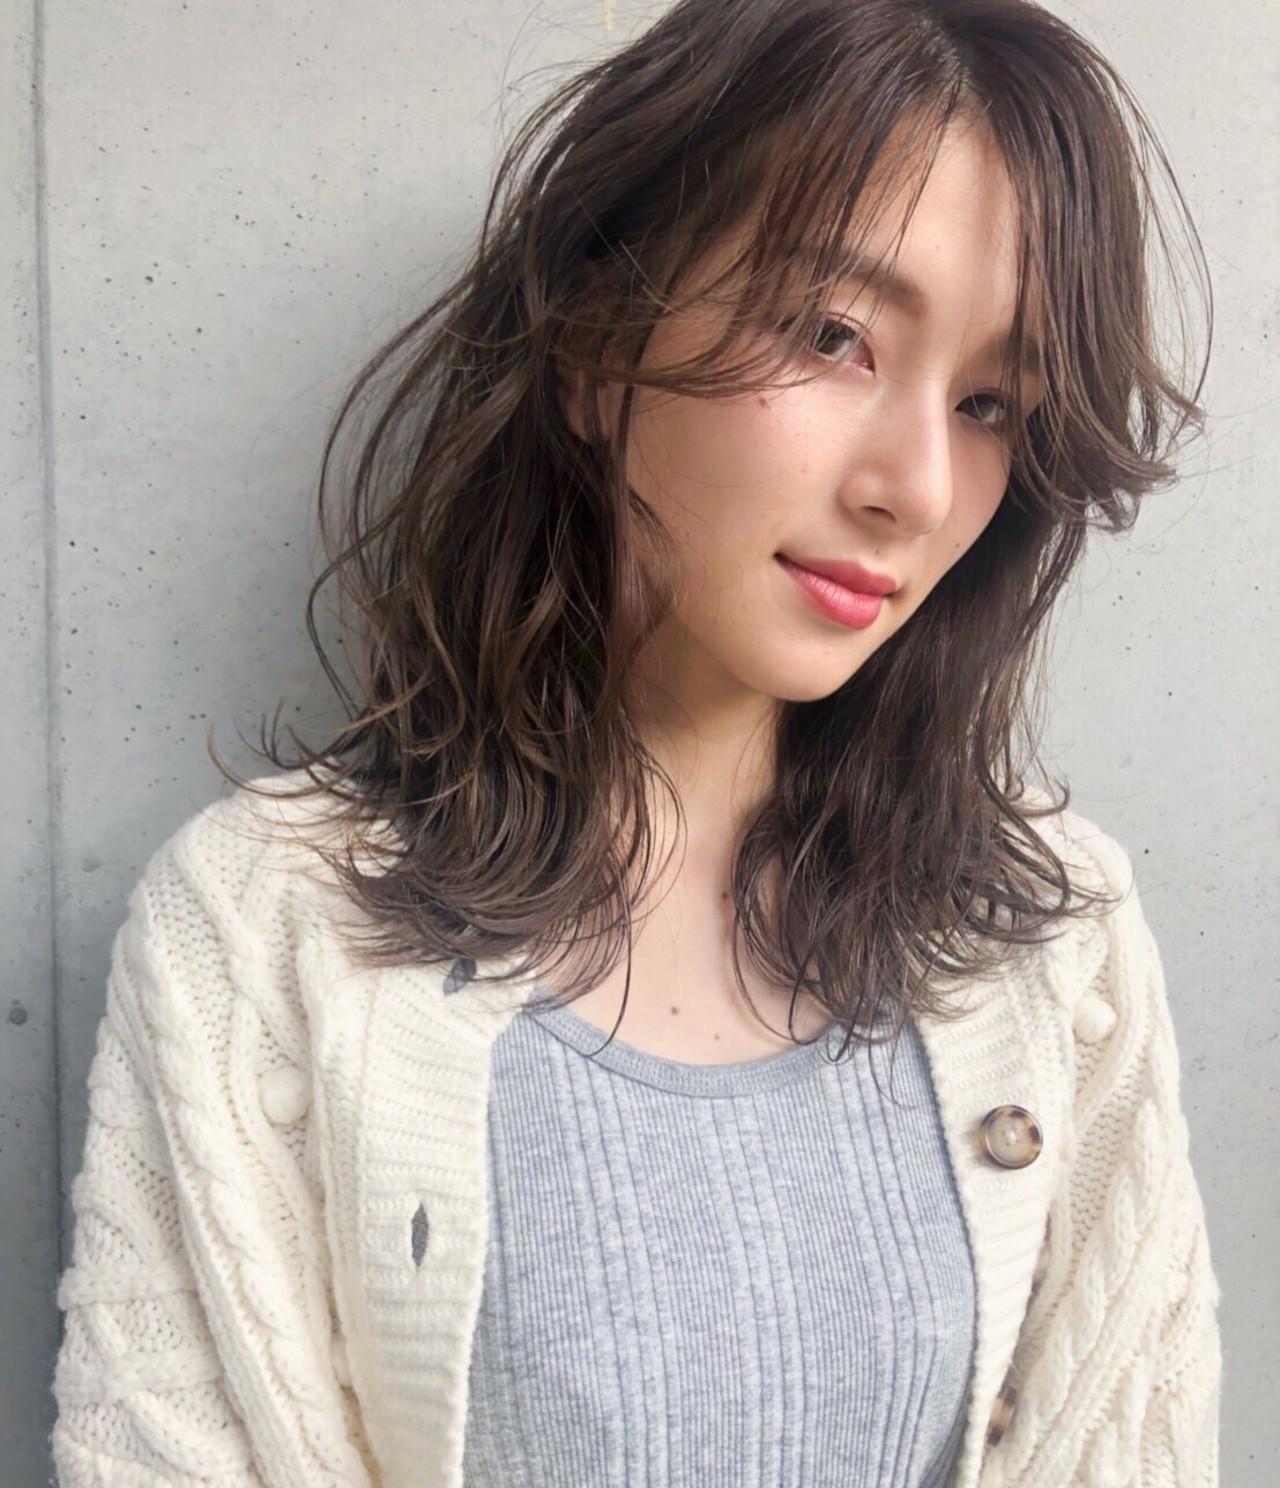 透明感カラー 福岡市 ロブ フェミニン ヘアスタイルや髪型の写真・画像